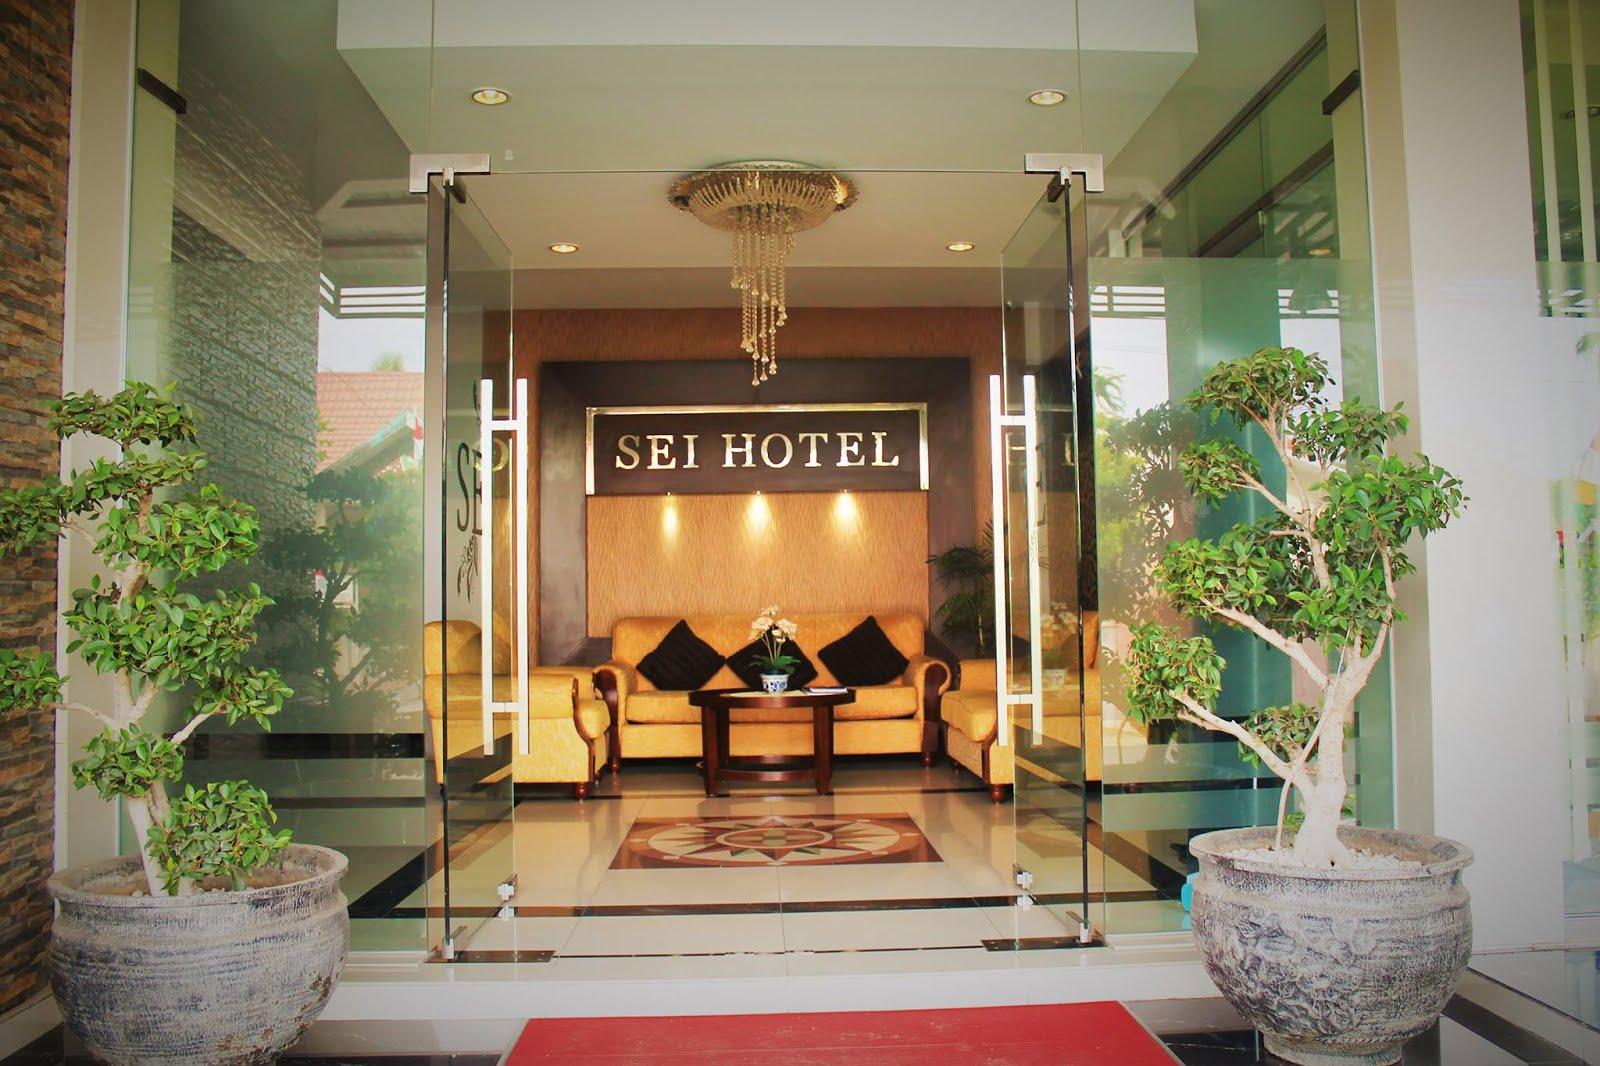 SEI HOTEL BANDA ACEH